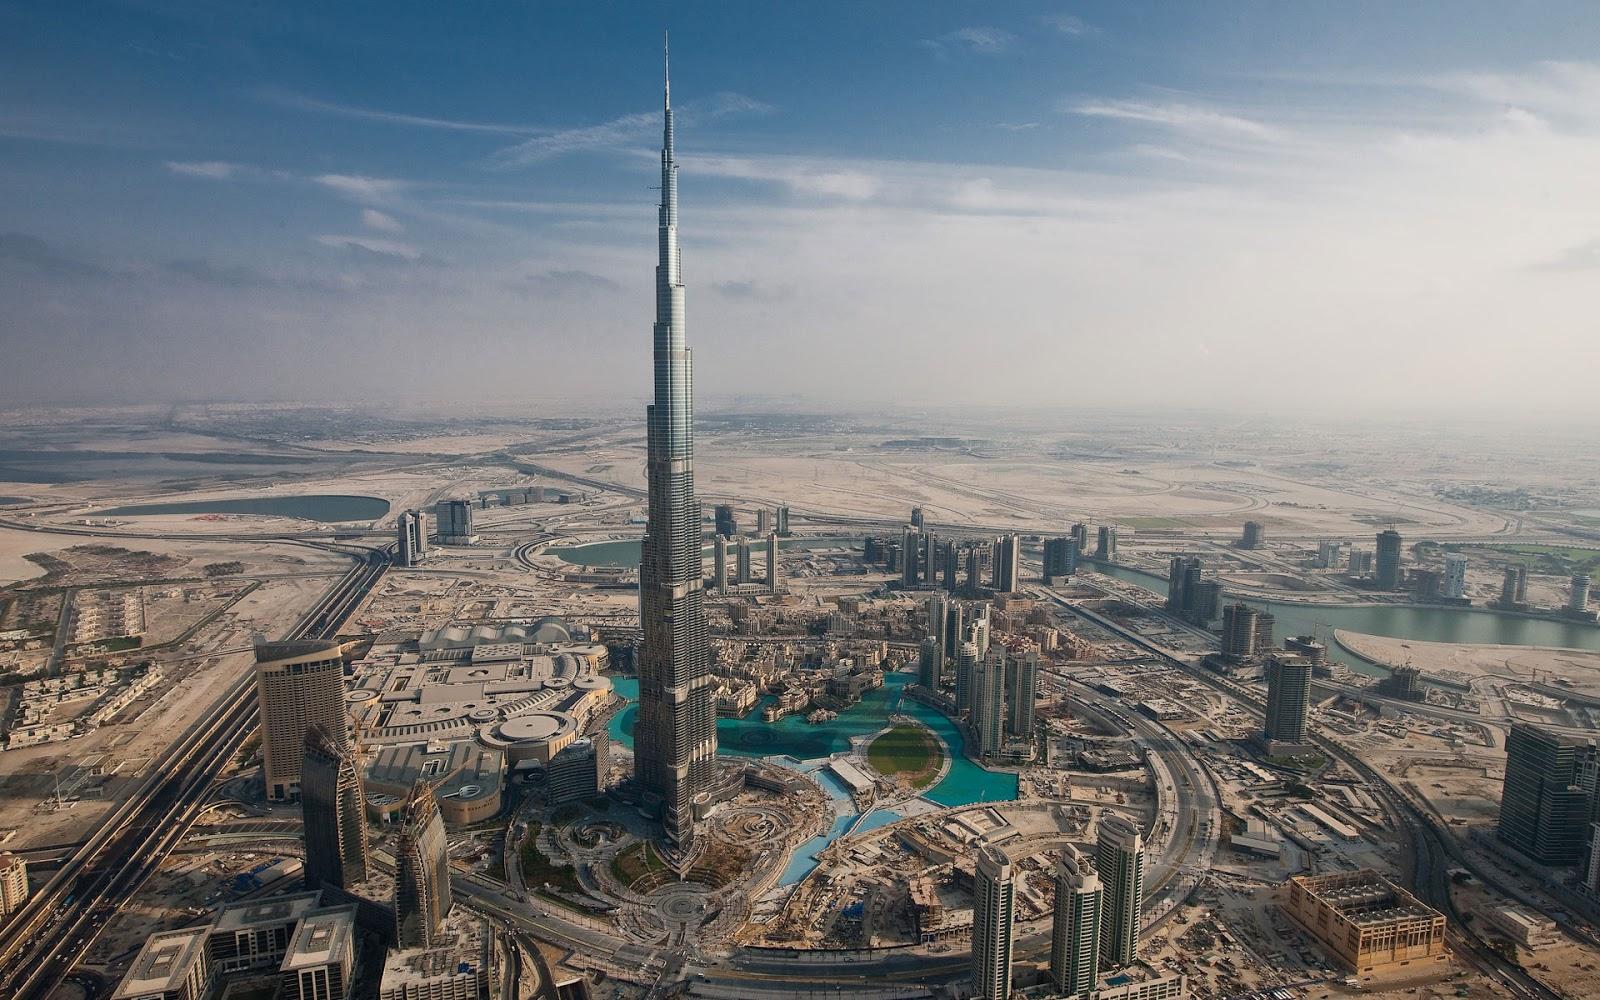 VOID MATTERS: ARCHITECTURE MIDDLE EAST - Burj Khalifa